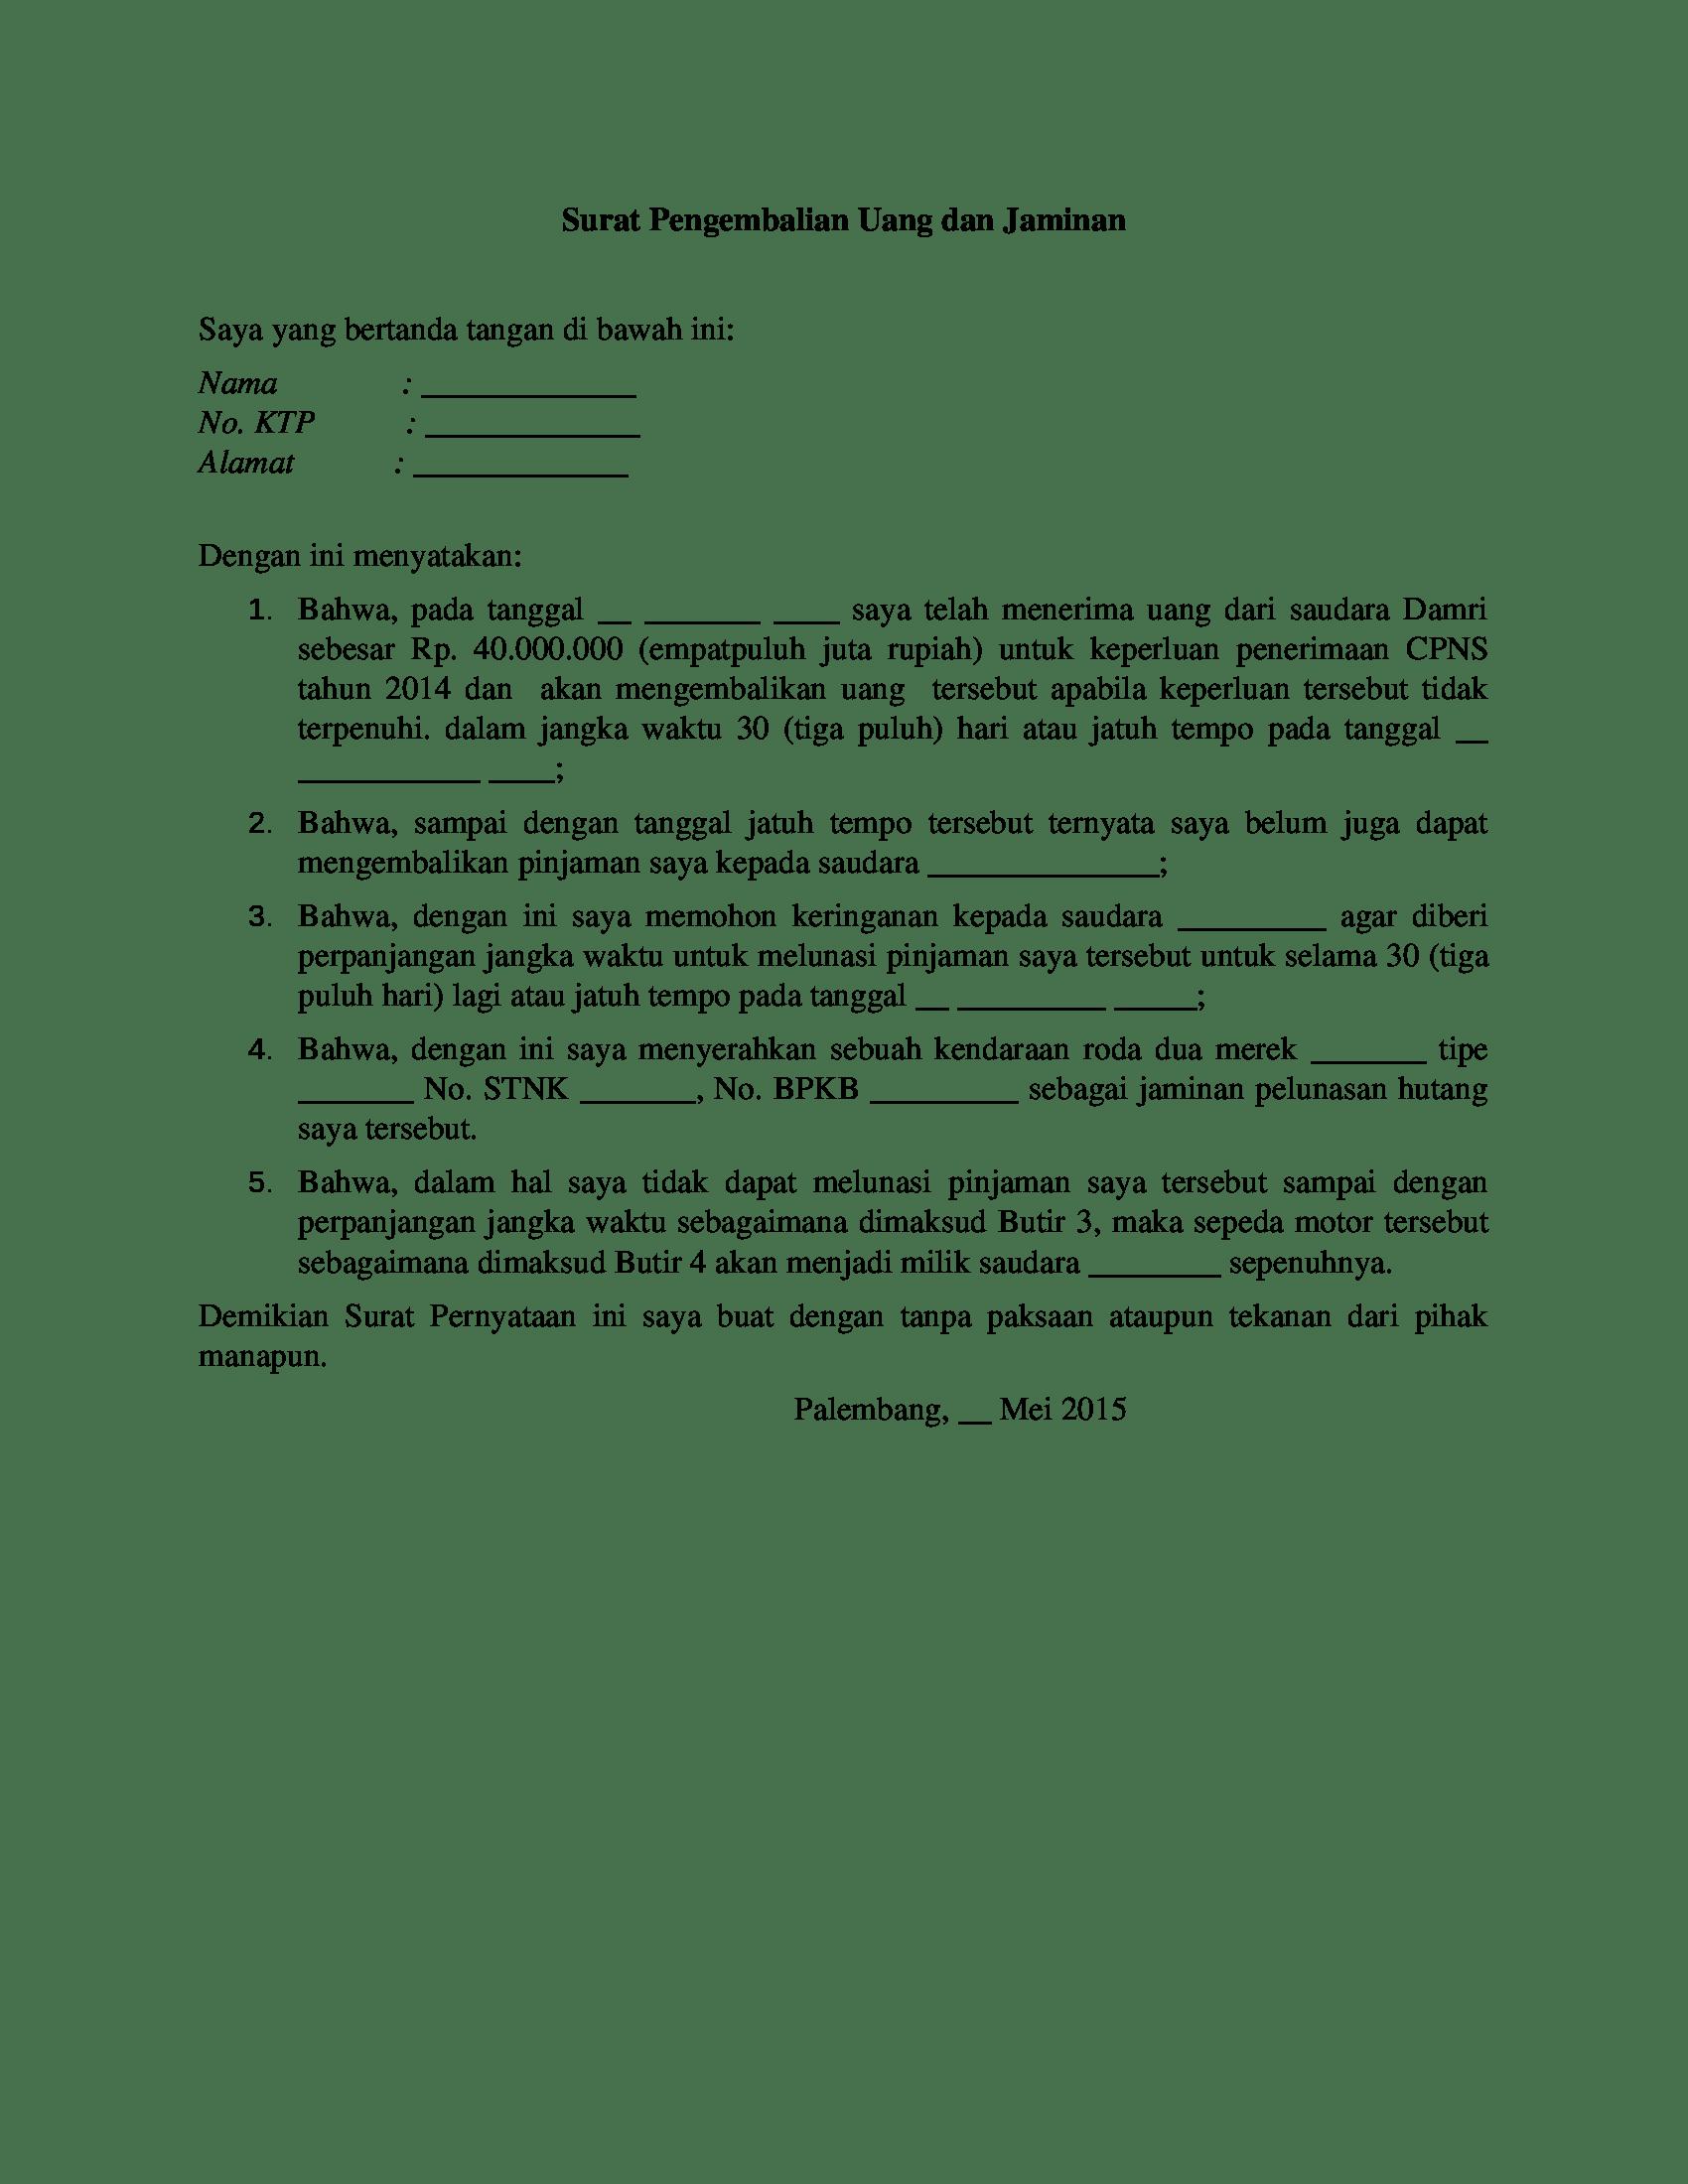 contoh surat perjanjian pengembalian uang